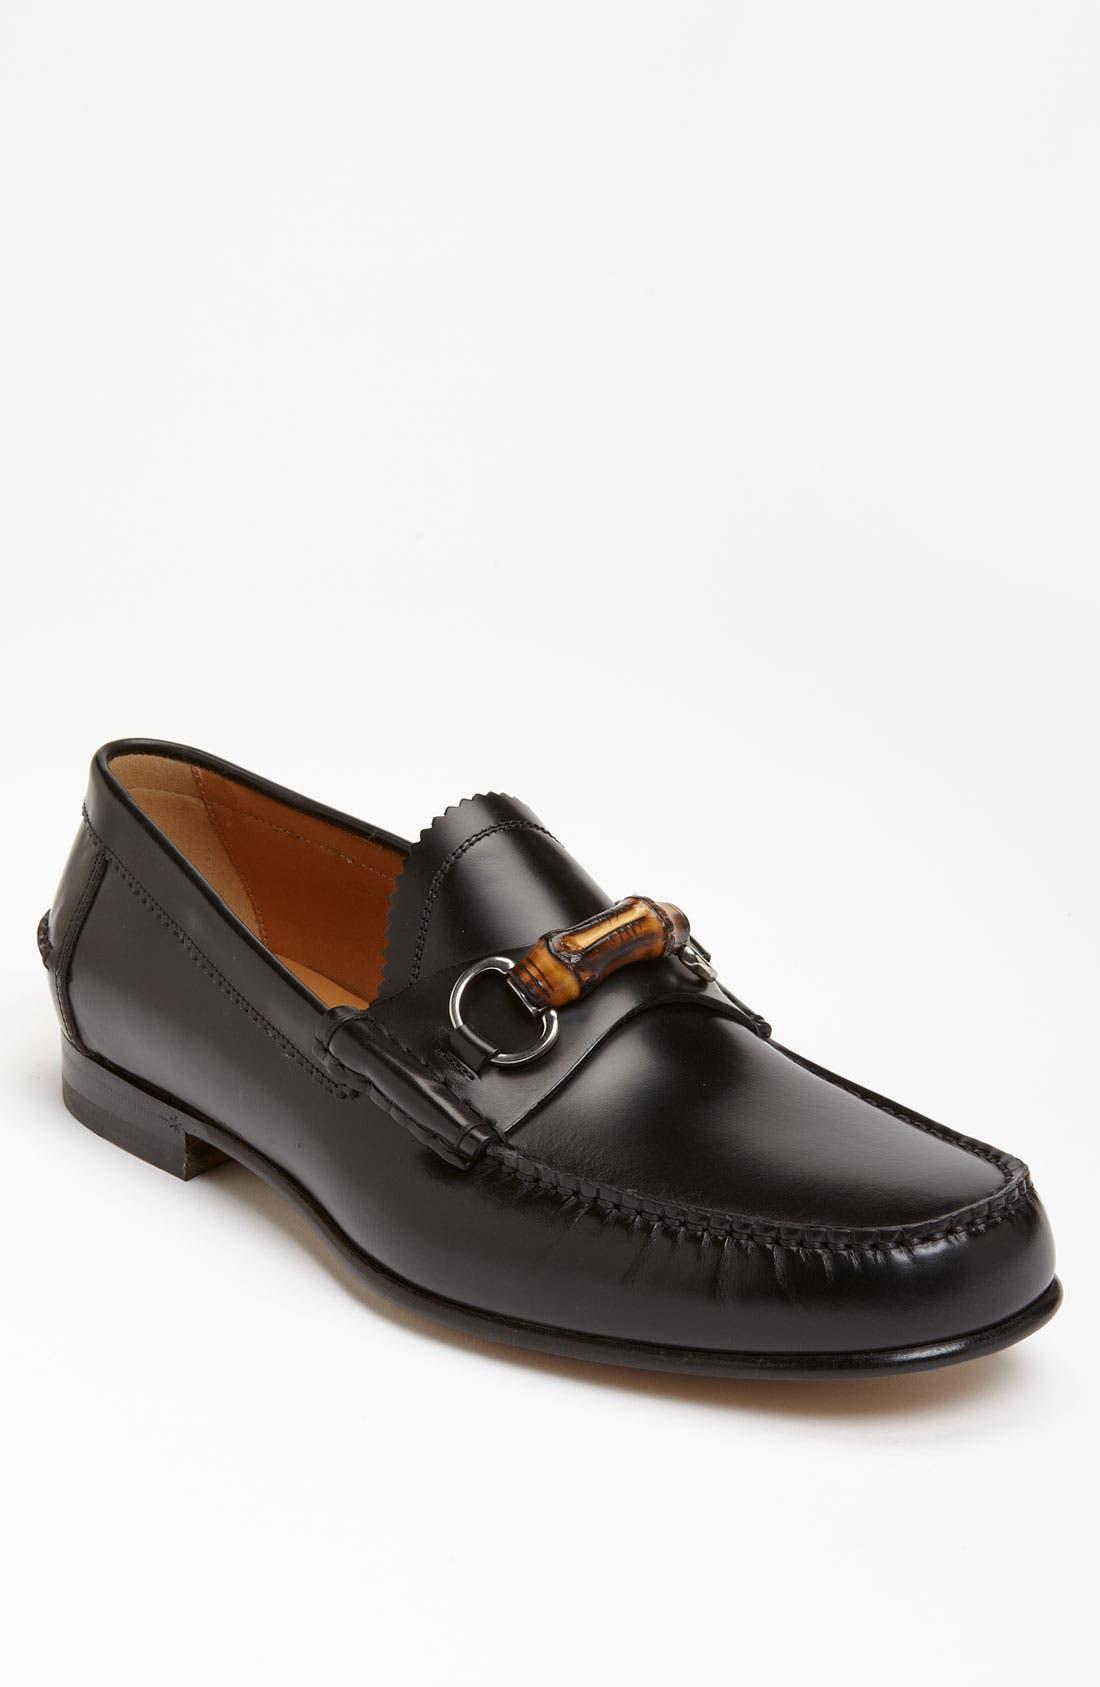 Main Image - Gucci 'Millet' Loafer